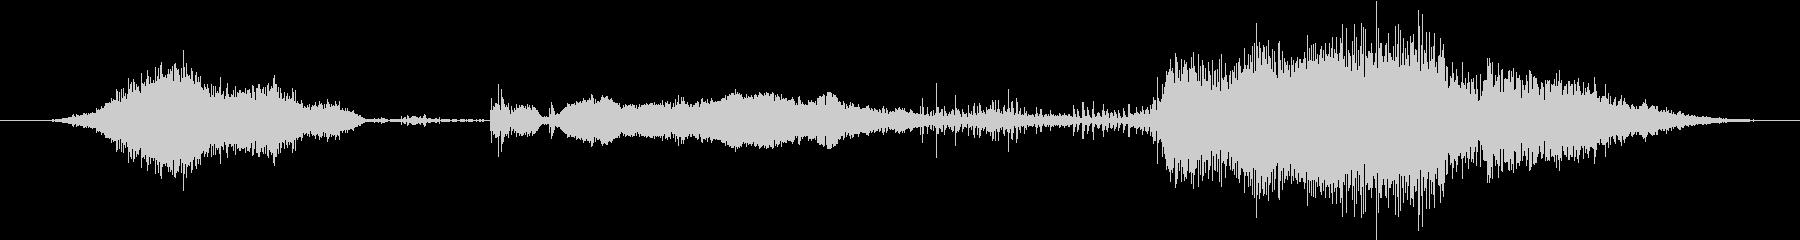 鳴き声 男性のストレッチ03の未再生の波形